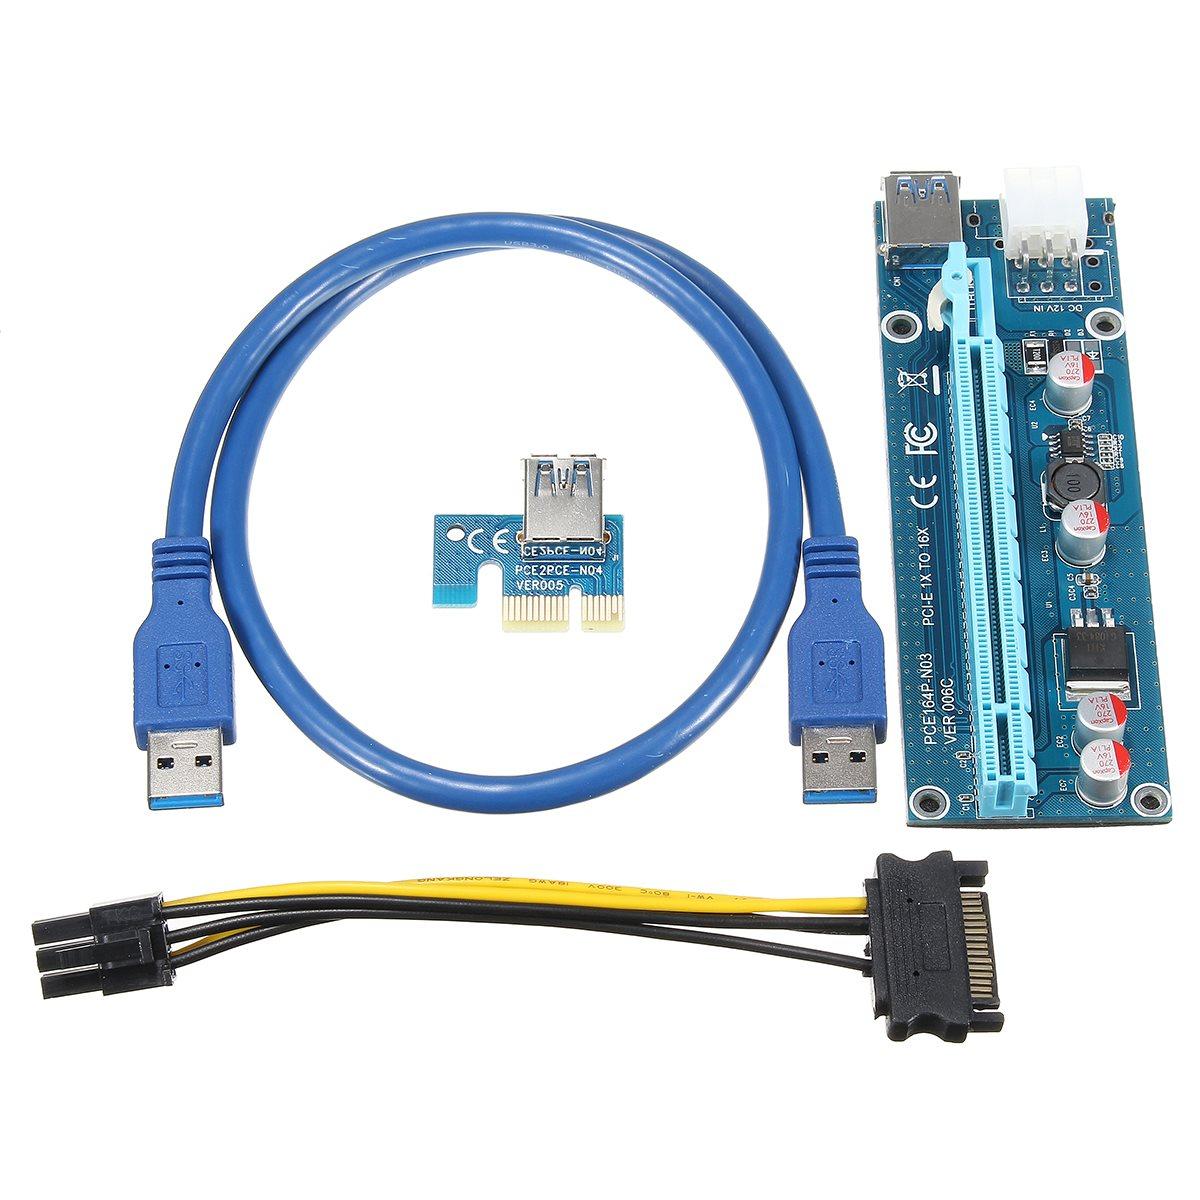 Commercio all'ingrosso 6 pz USB 3.0 PCI-E Riser Express 1X 4x 8x 16x Extender Riser Card Adapter pin pin Maschio a SATA Cavo di Alimentazione